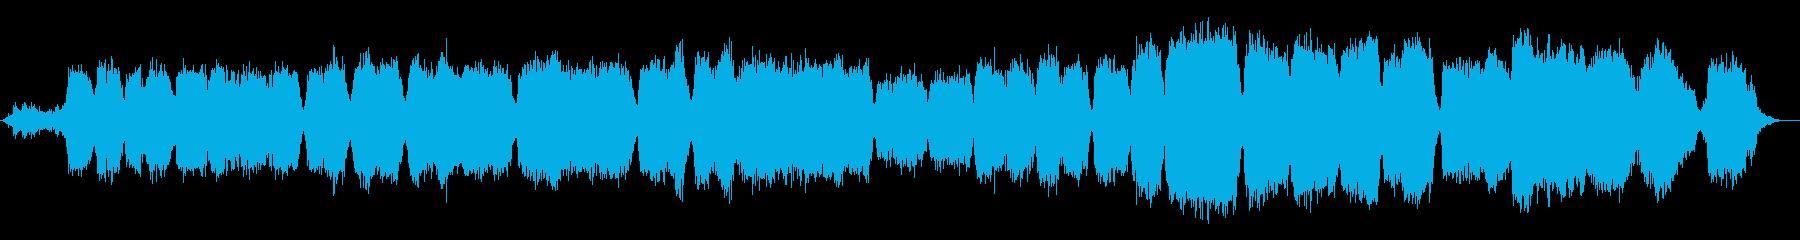 悲しく感動的なコーラス音楽の再生済みの波形